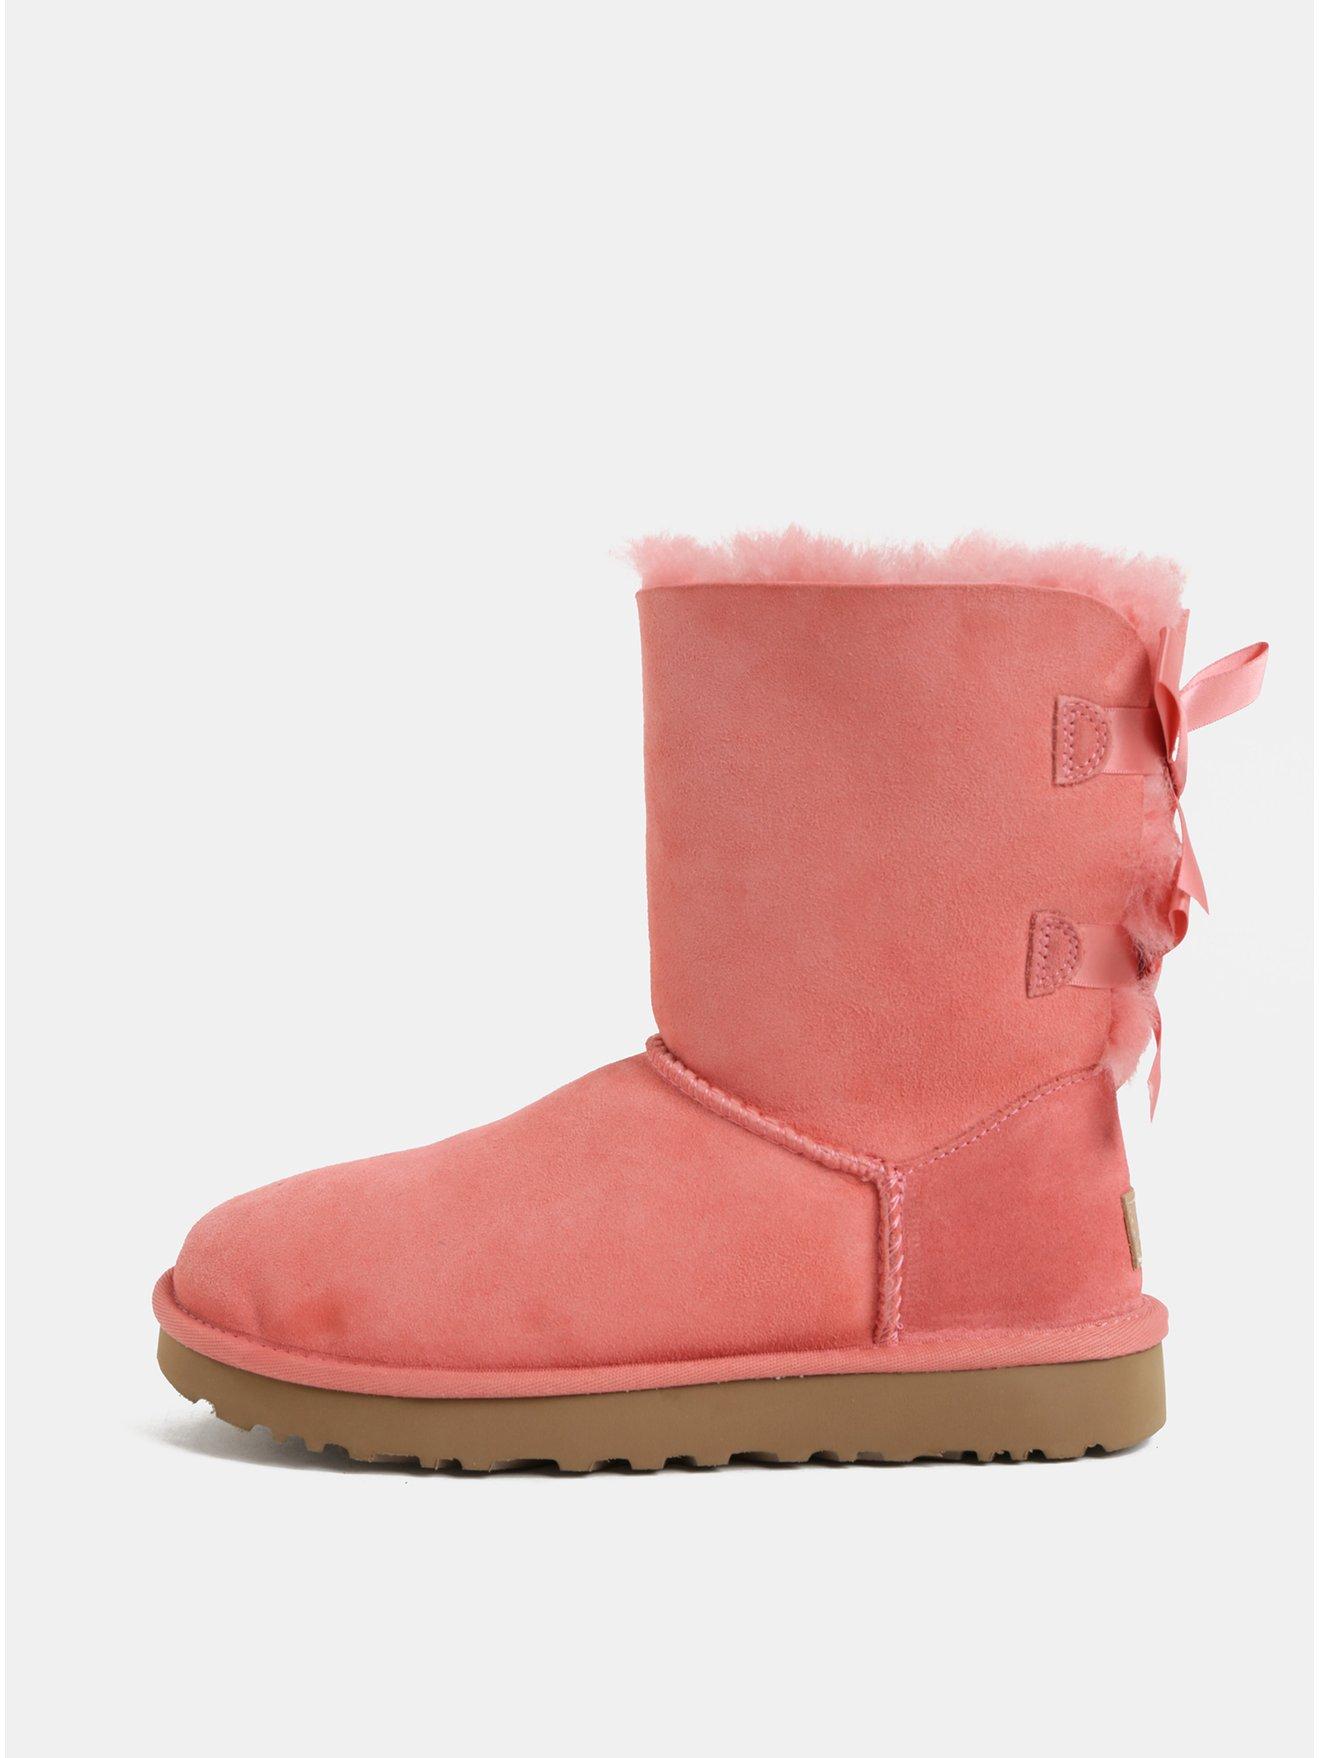 Růžové semišové zimní boty s vnitřním kožíškěm UGG Bailey Bow